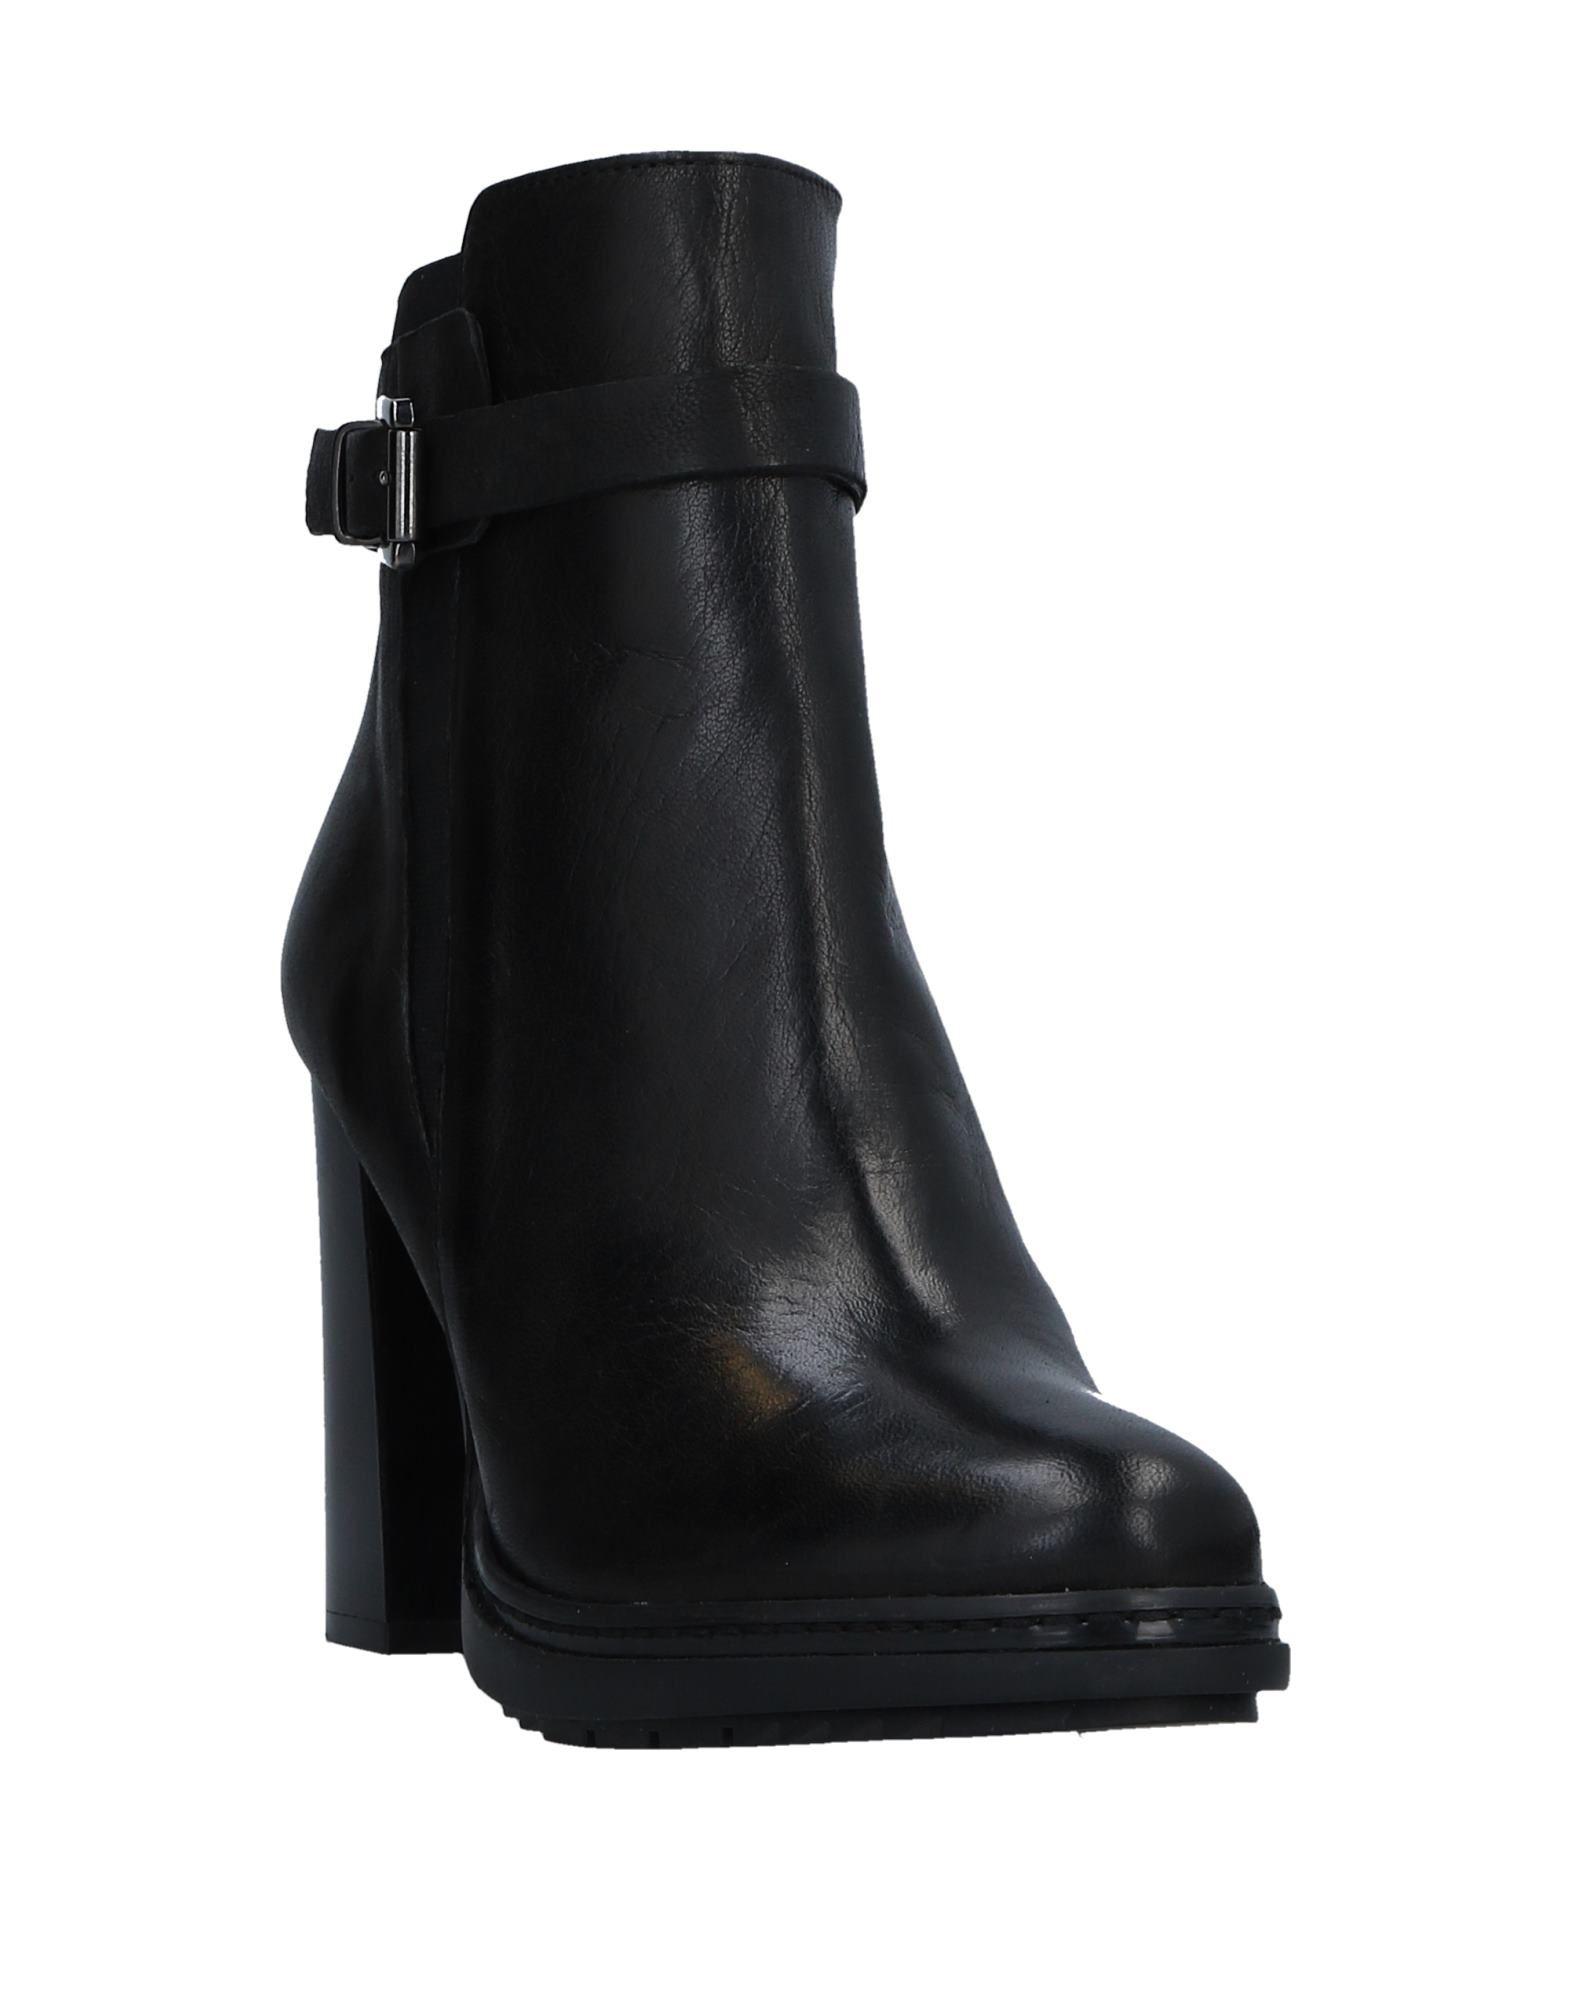 Peperosa Stiefelette Damen 11516378QA Gute Schuhe Qualität beliebte Schuhe Gute a19024